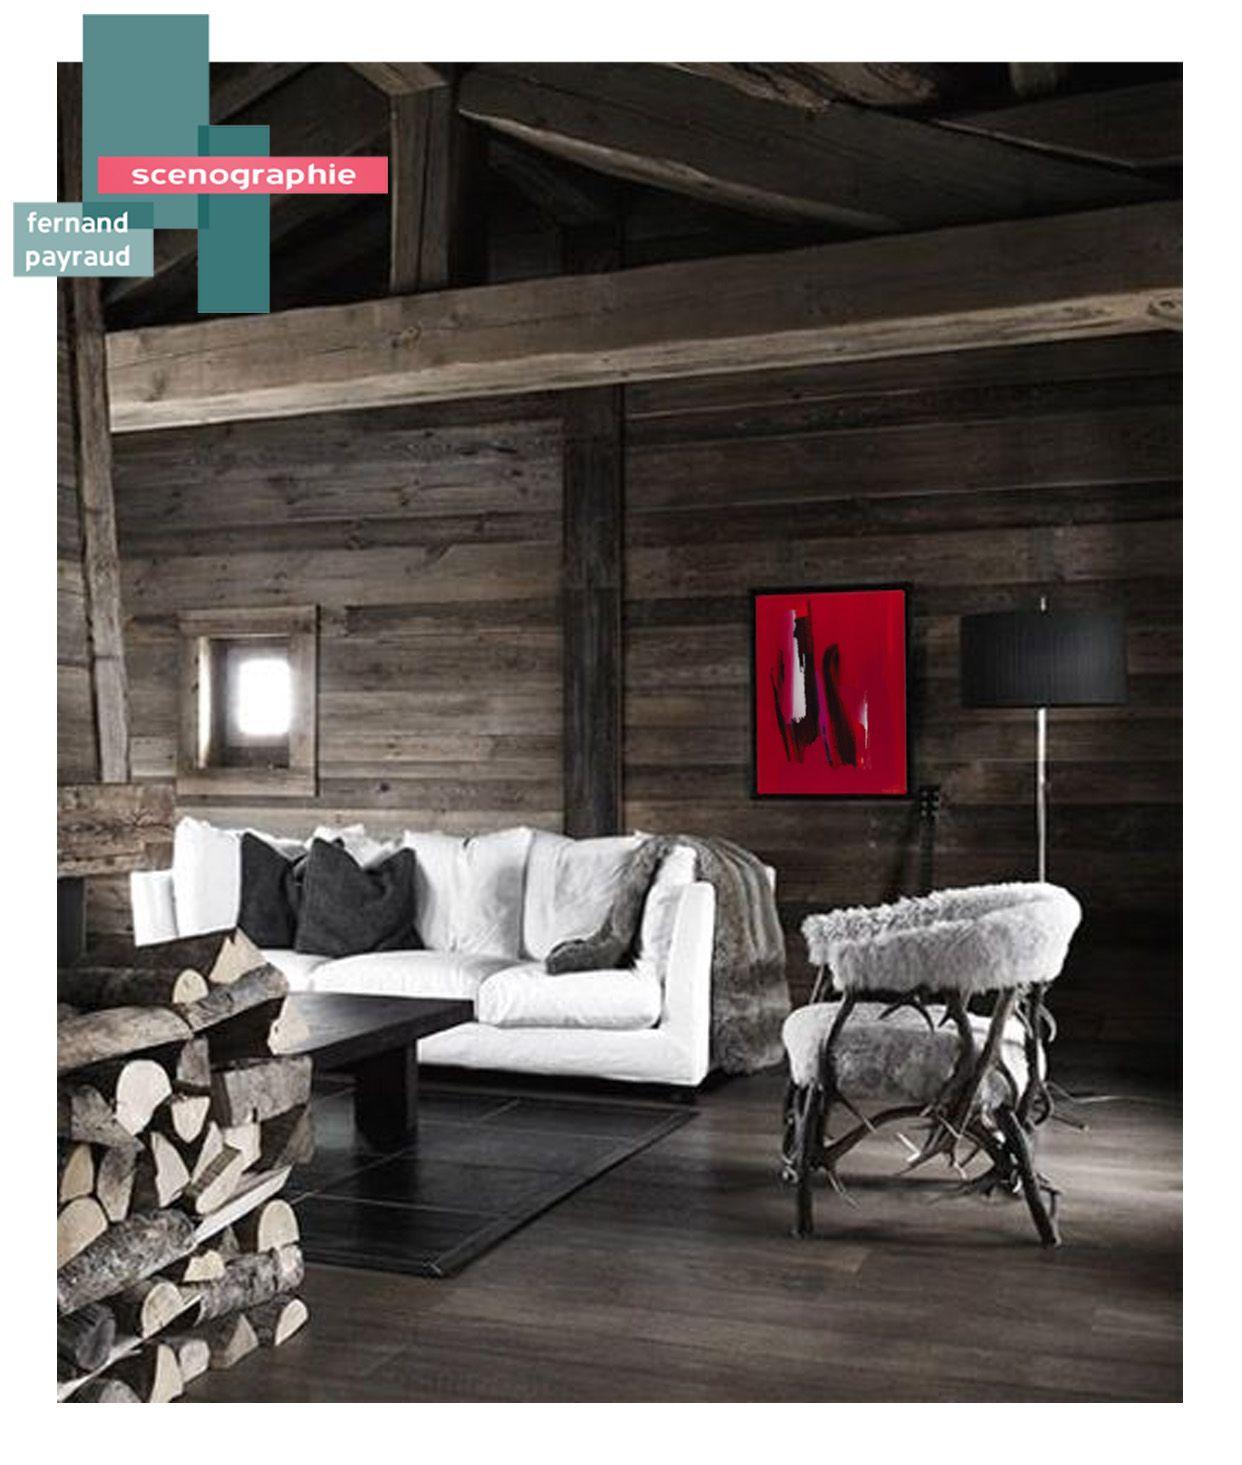 scénographie oeuvre d'art | B_indoor | www.b-indoor.com/ #decoration #design #agencement #contemporain #art #mobilierdesign #amenagement #plans #scénographies #chalet #lounge